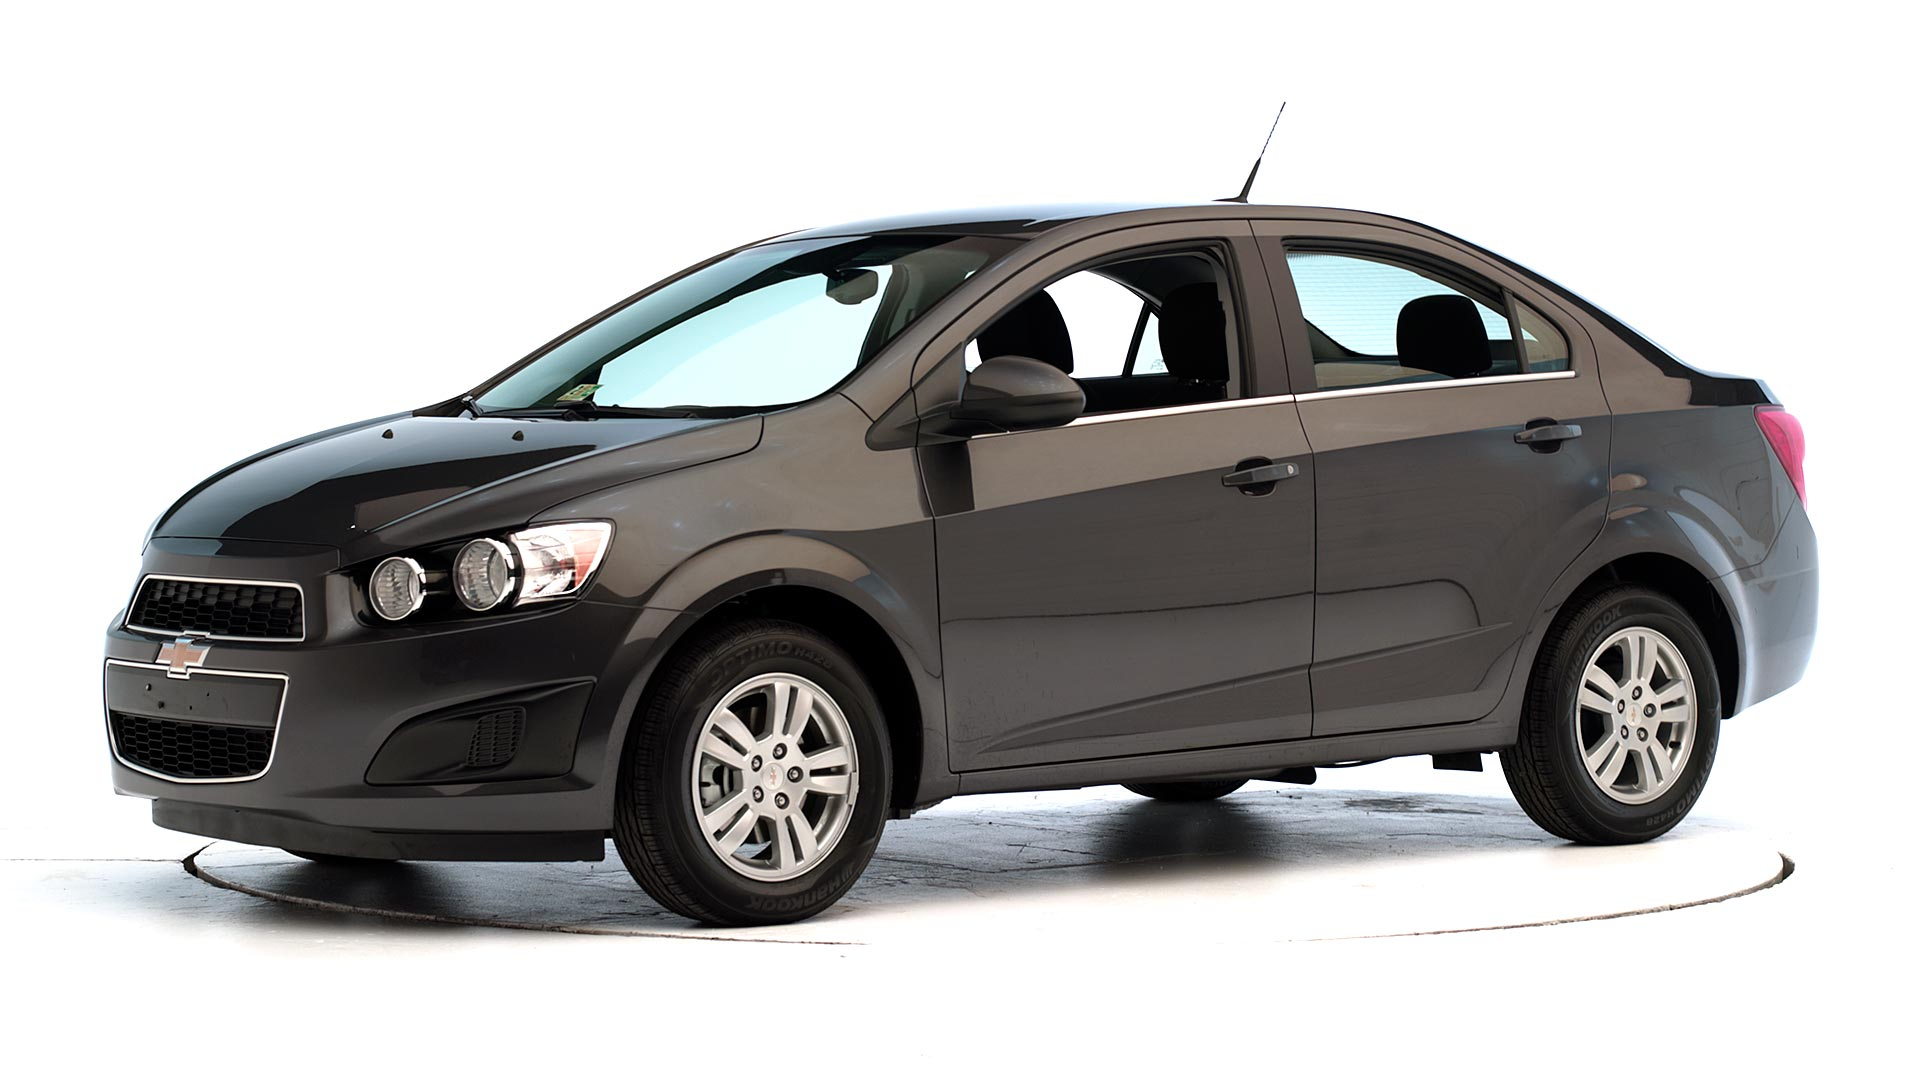 Kekurangan Sonic Chevrolet 2013 Murah Berkualitas